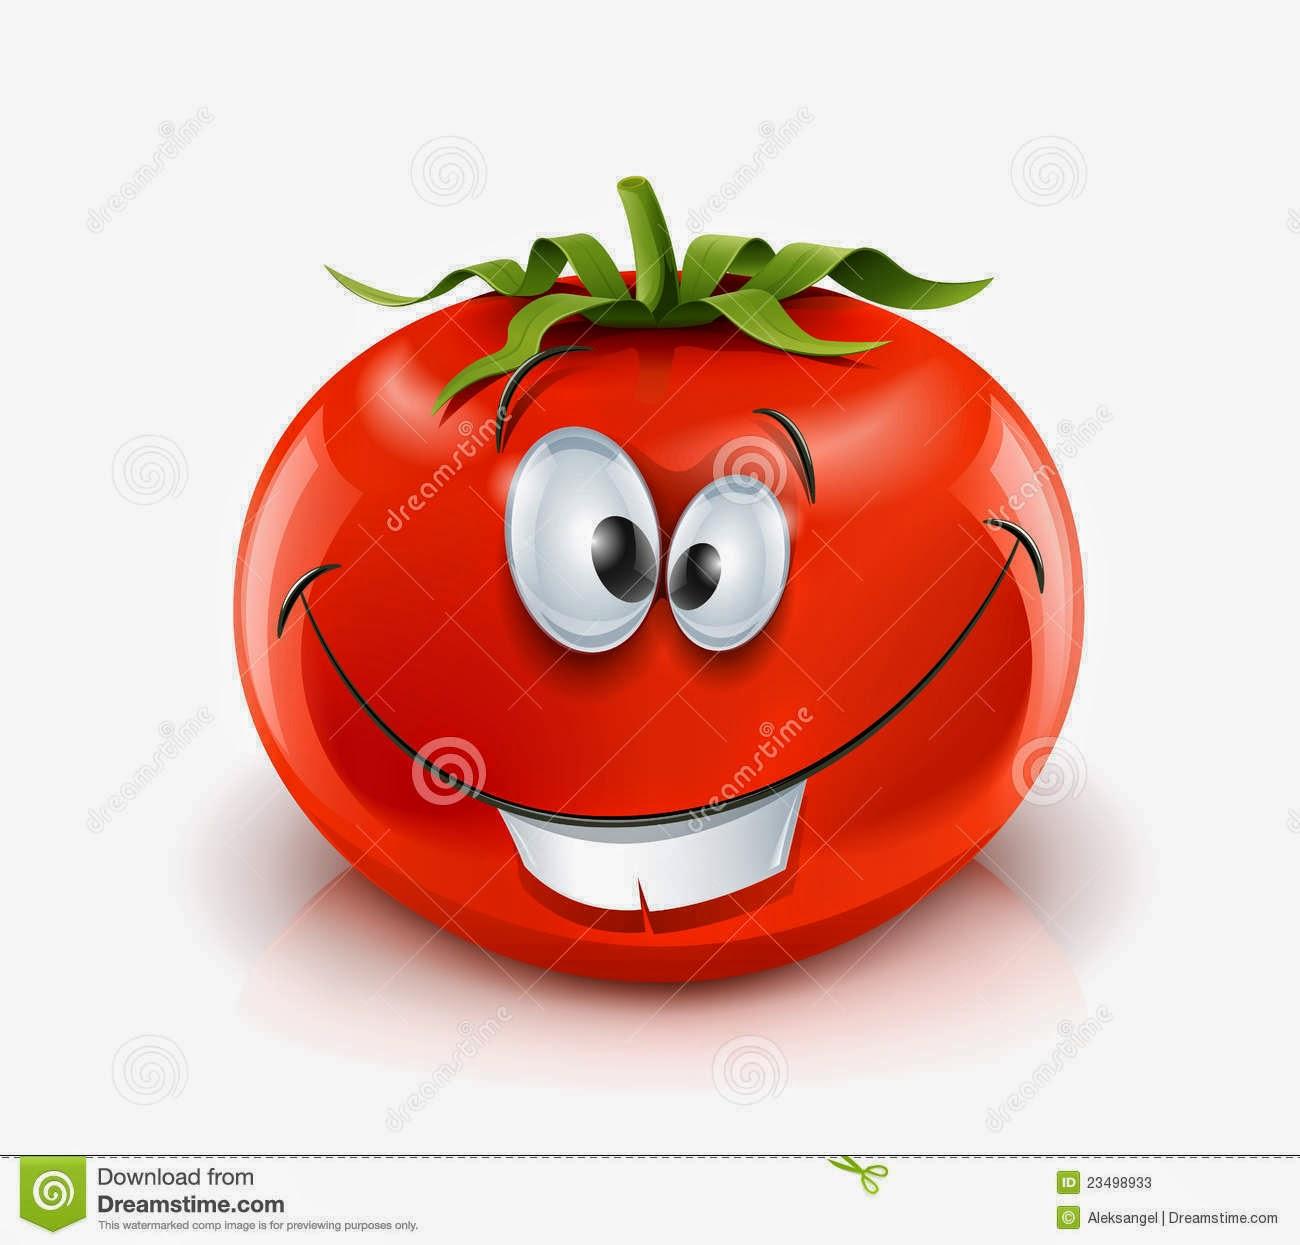 http://pt.dreamstime.com/fotos-de-stock-tomate-maduro-vermelho-de-sorriso-image23498933